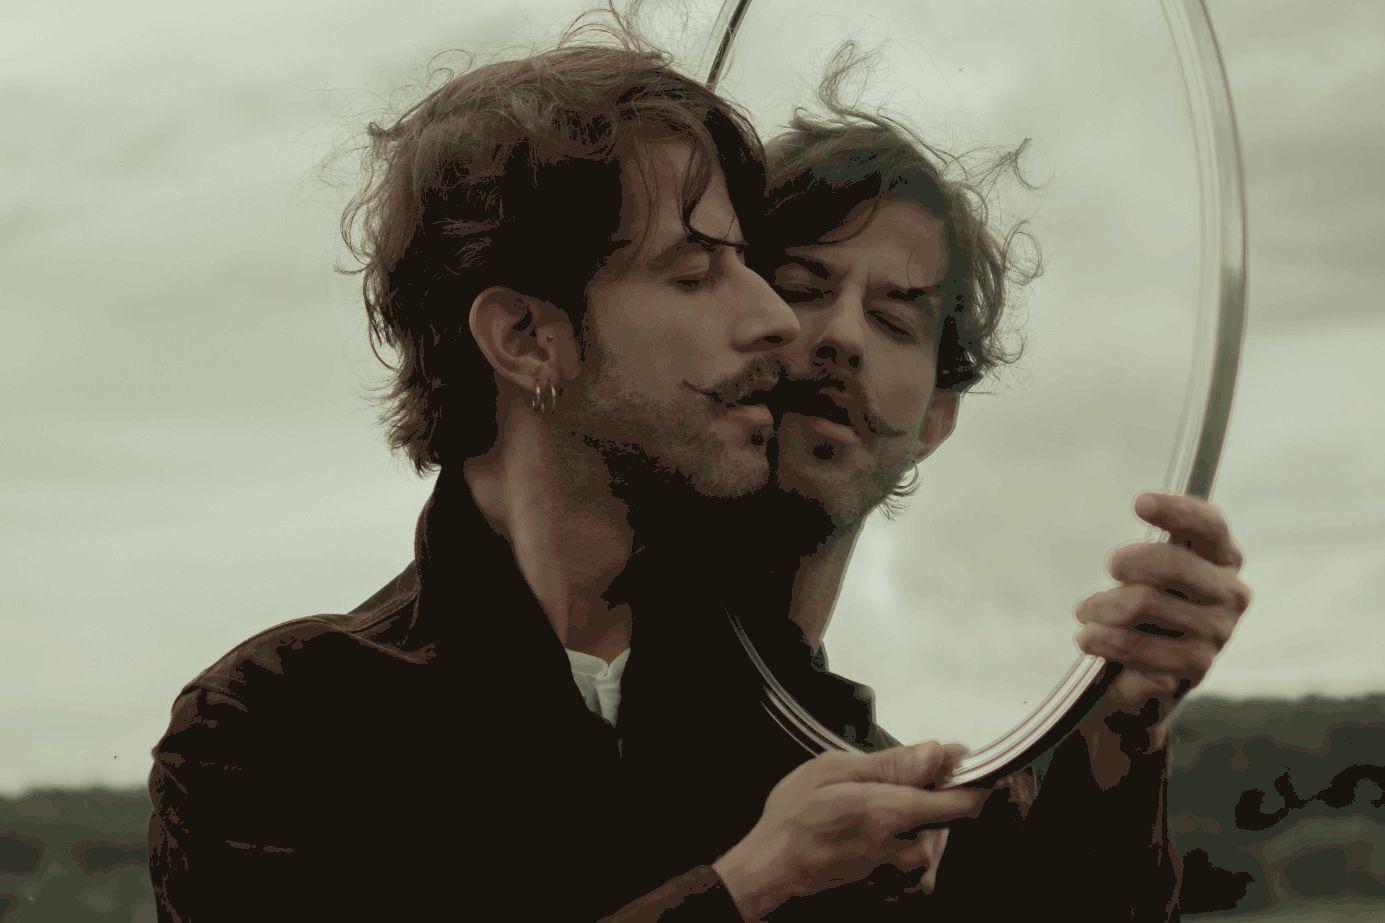 Schöner Mann hält einen Spiegel vor sein Gesicht